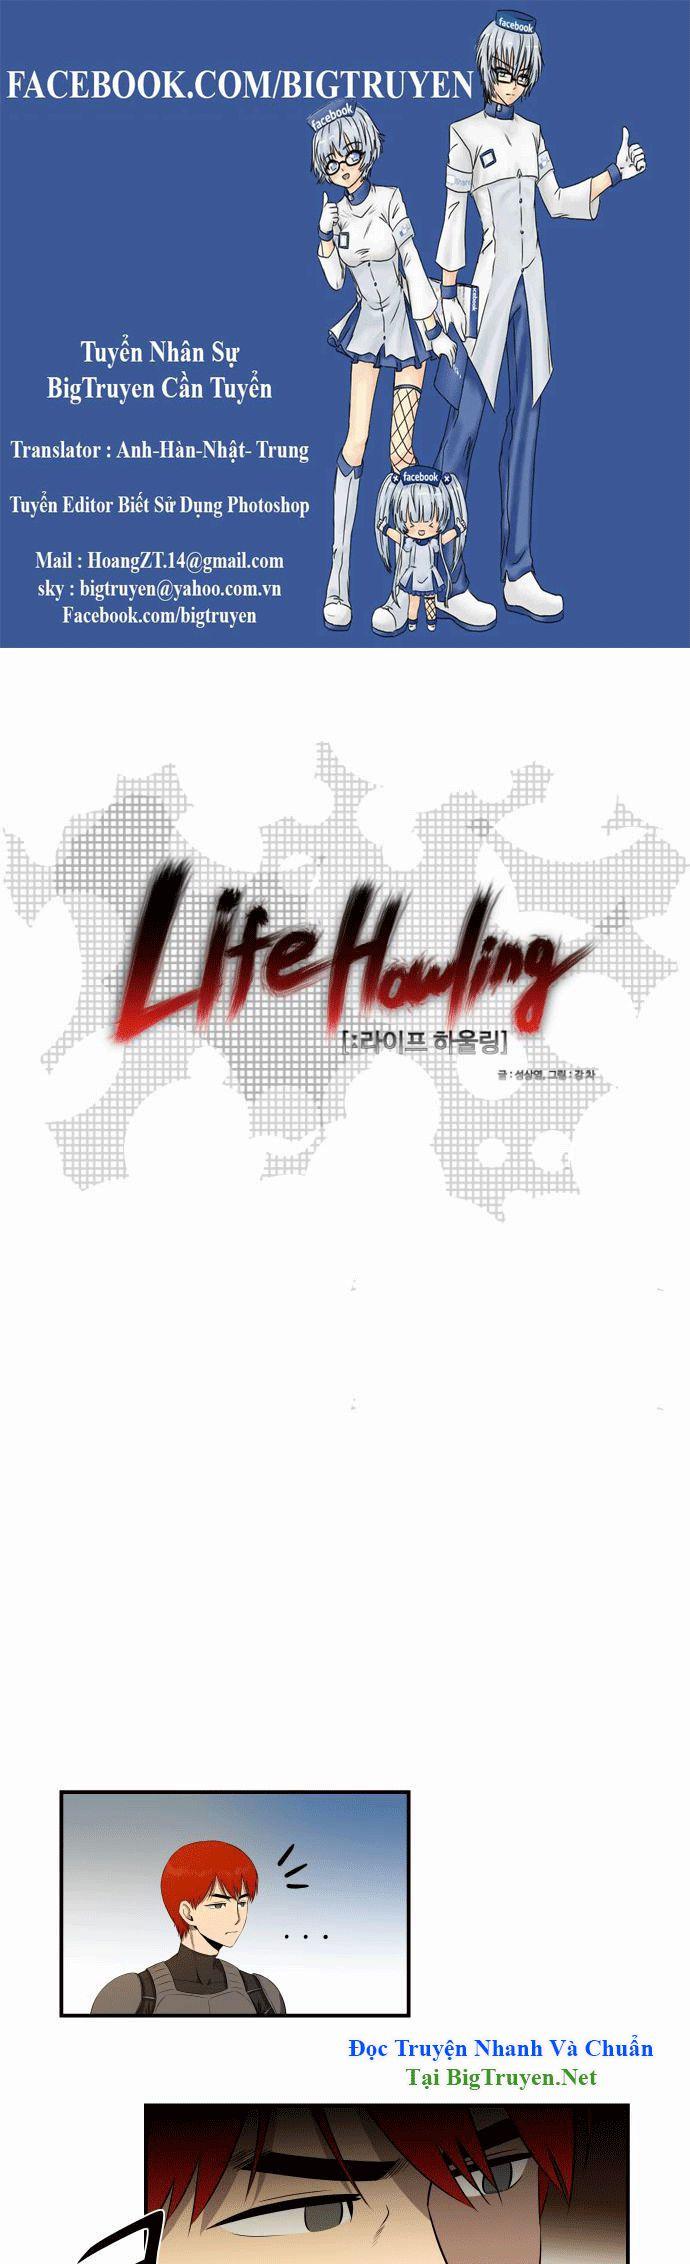 Life Howling Chap 19 - BigTruyen - Đọc Truyện Tranh Hay Online